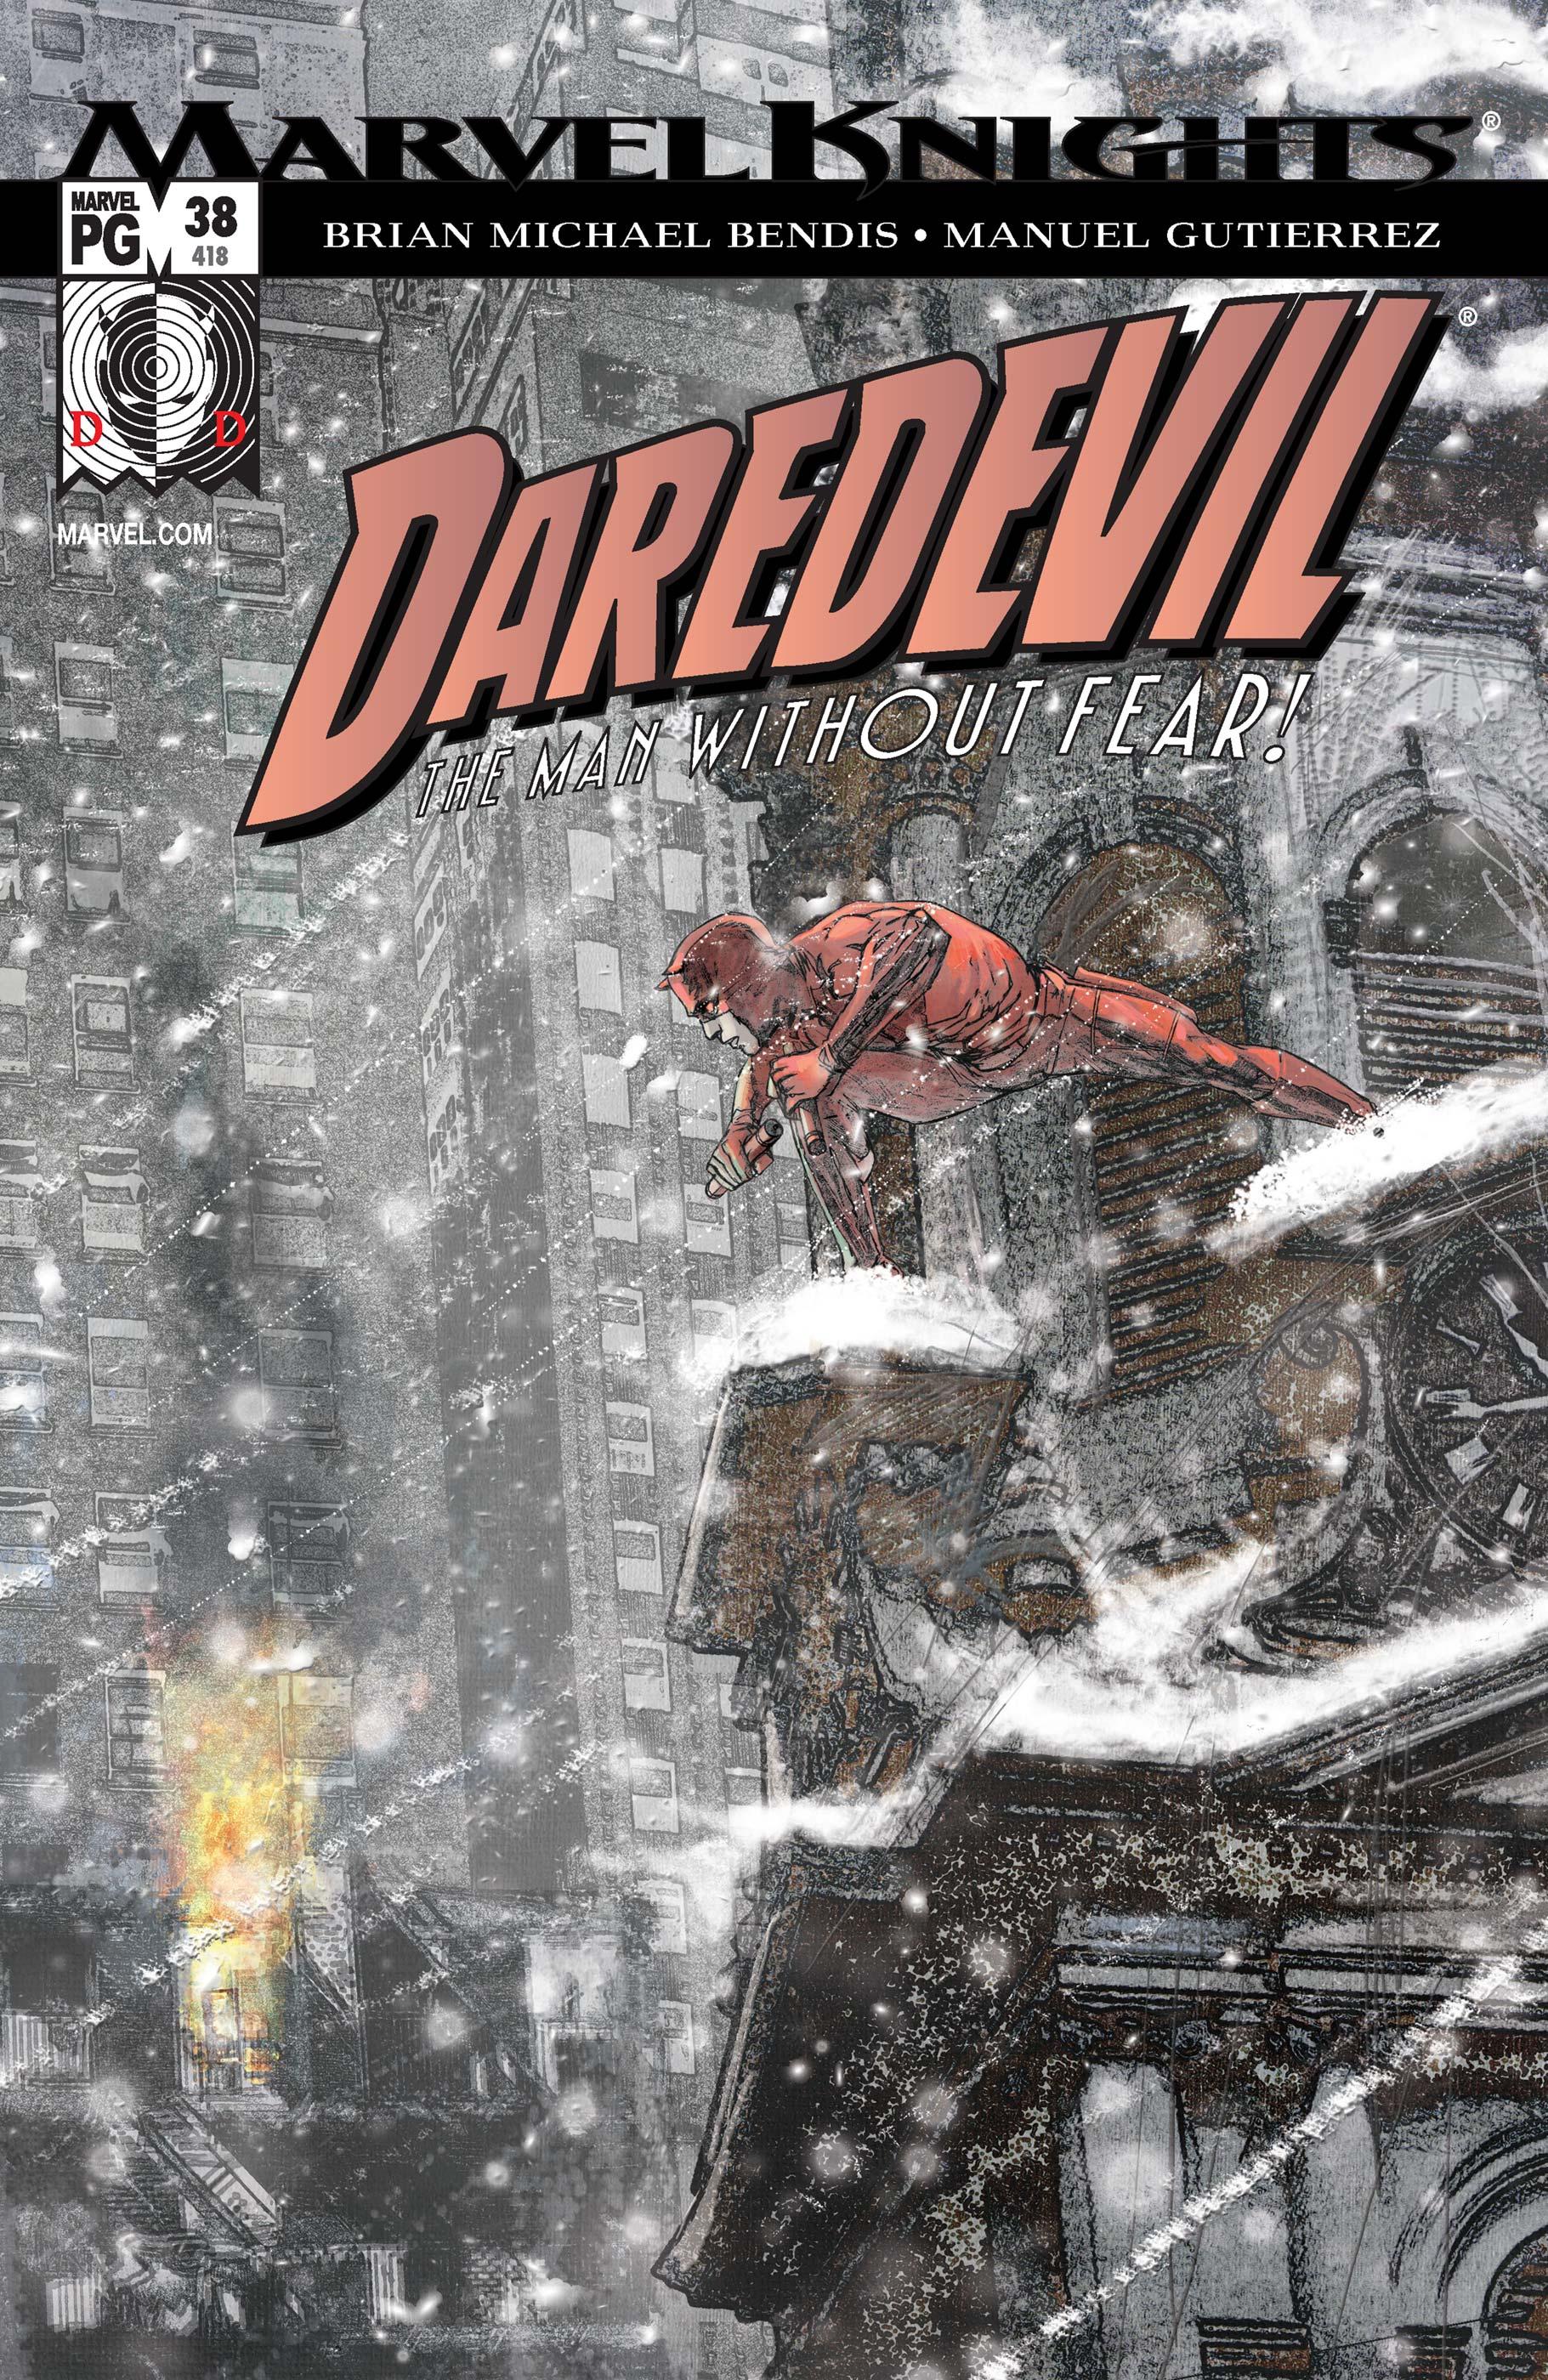 Daredevil (1998) #38